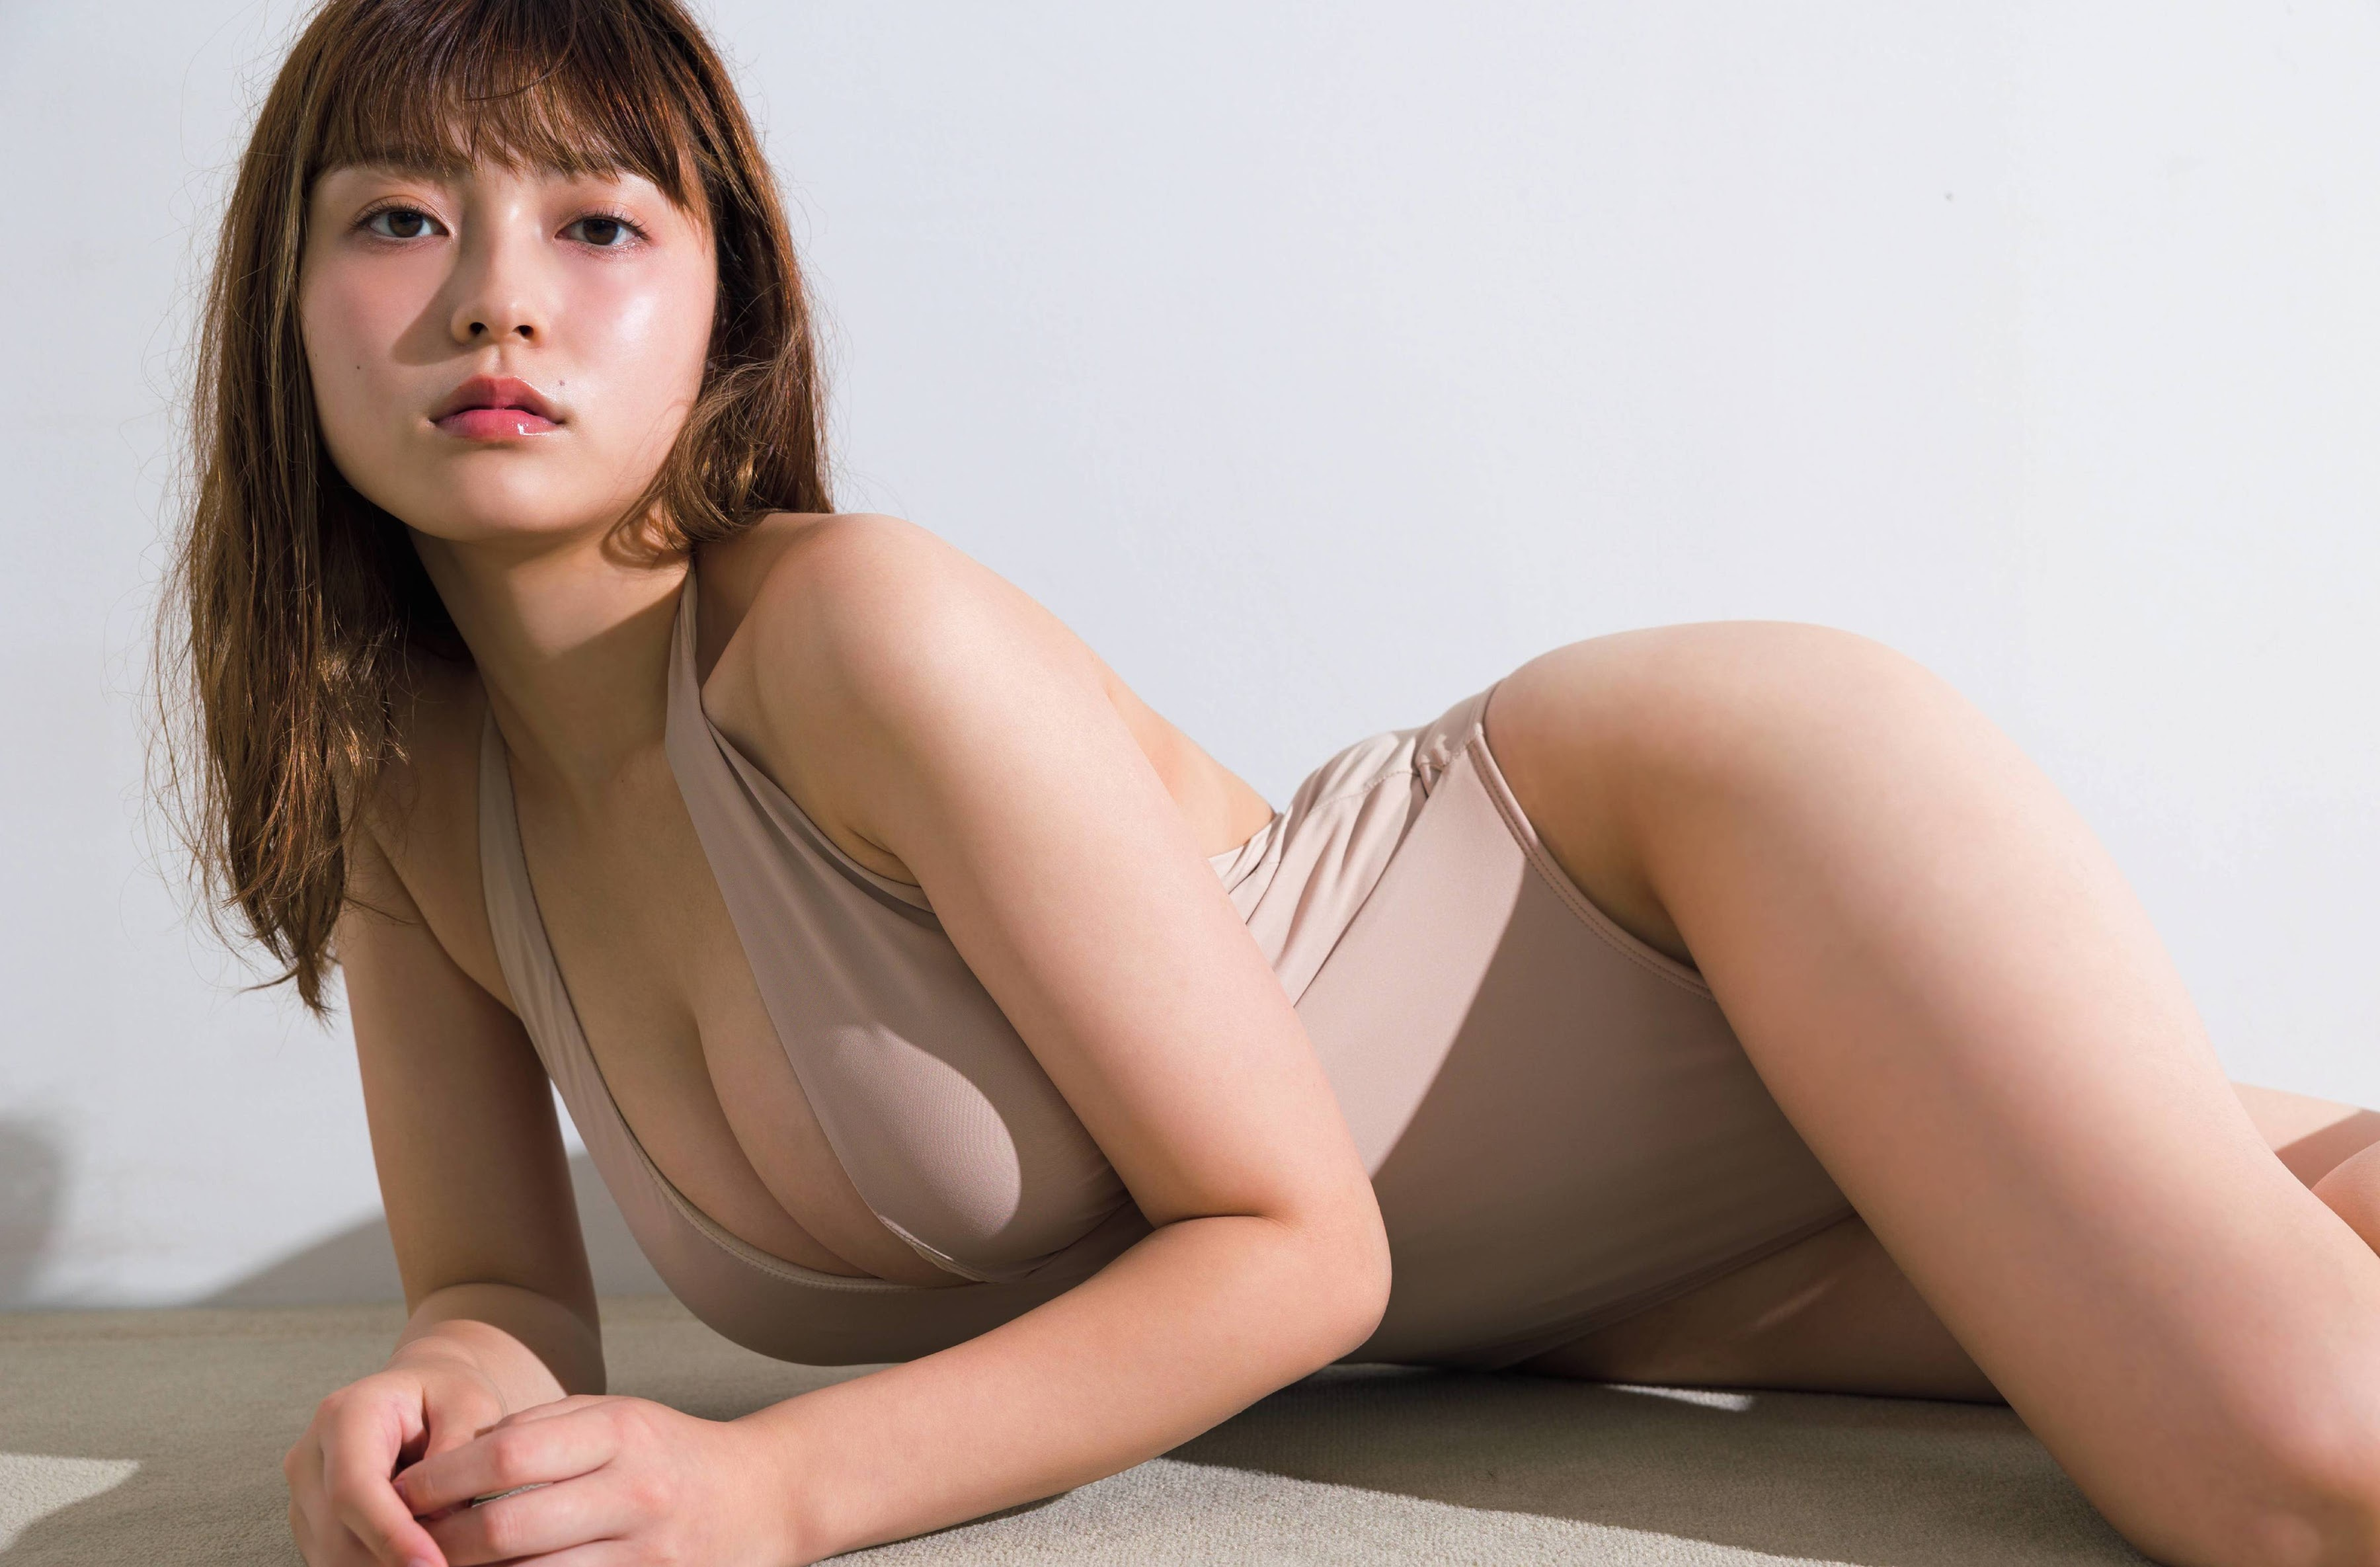 櫻井音乃71